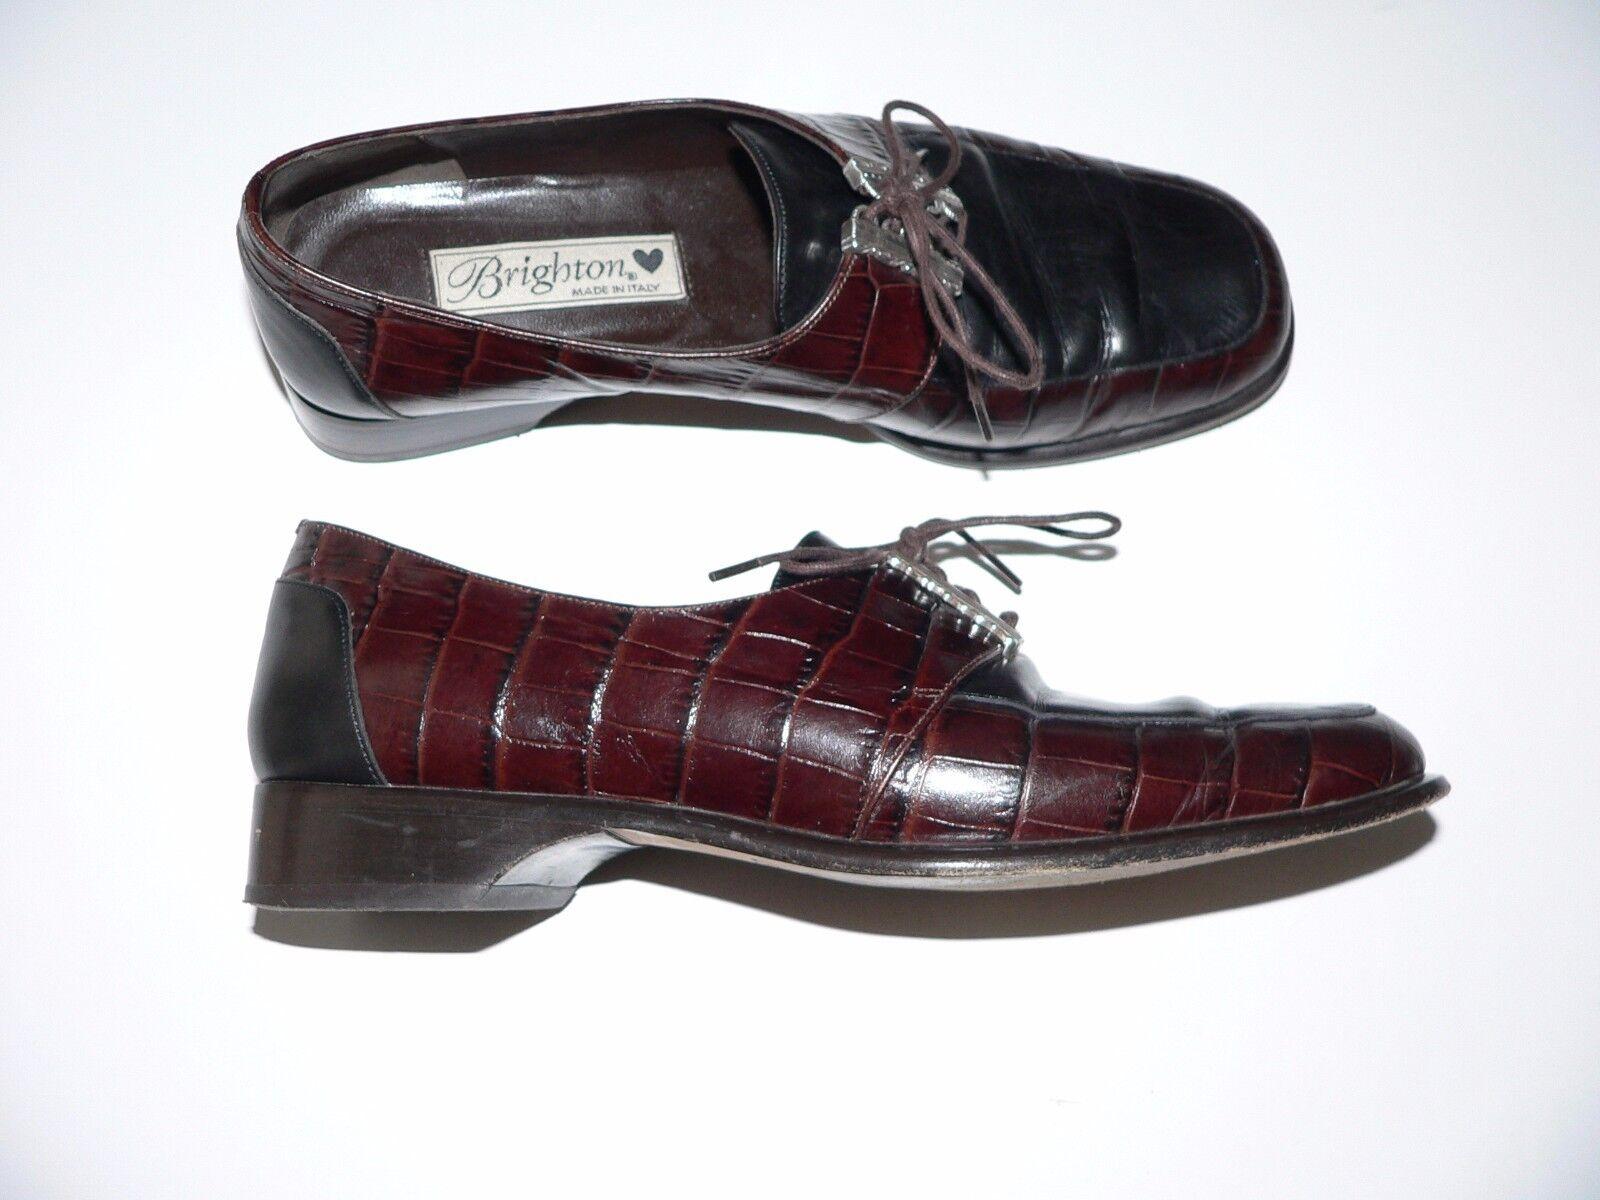 BRIGHTON 7M leather lace-up oxfords chaussures  marron noir moc croc argent